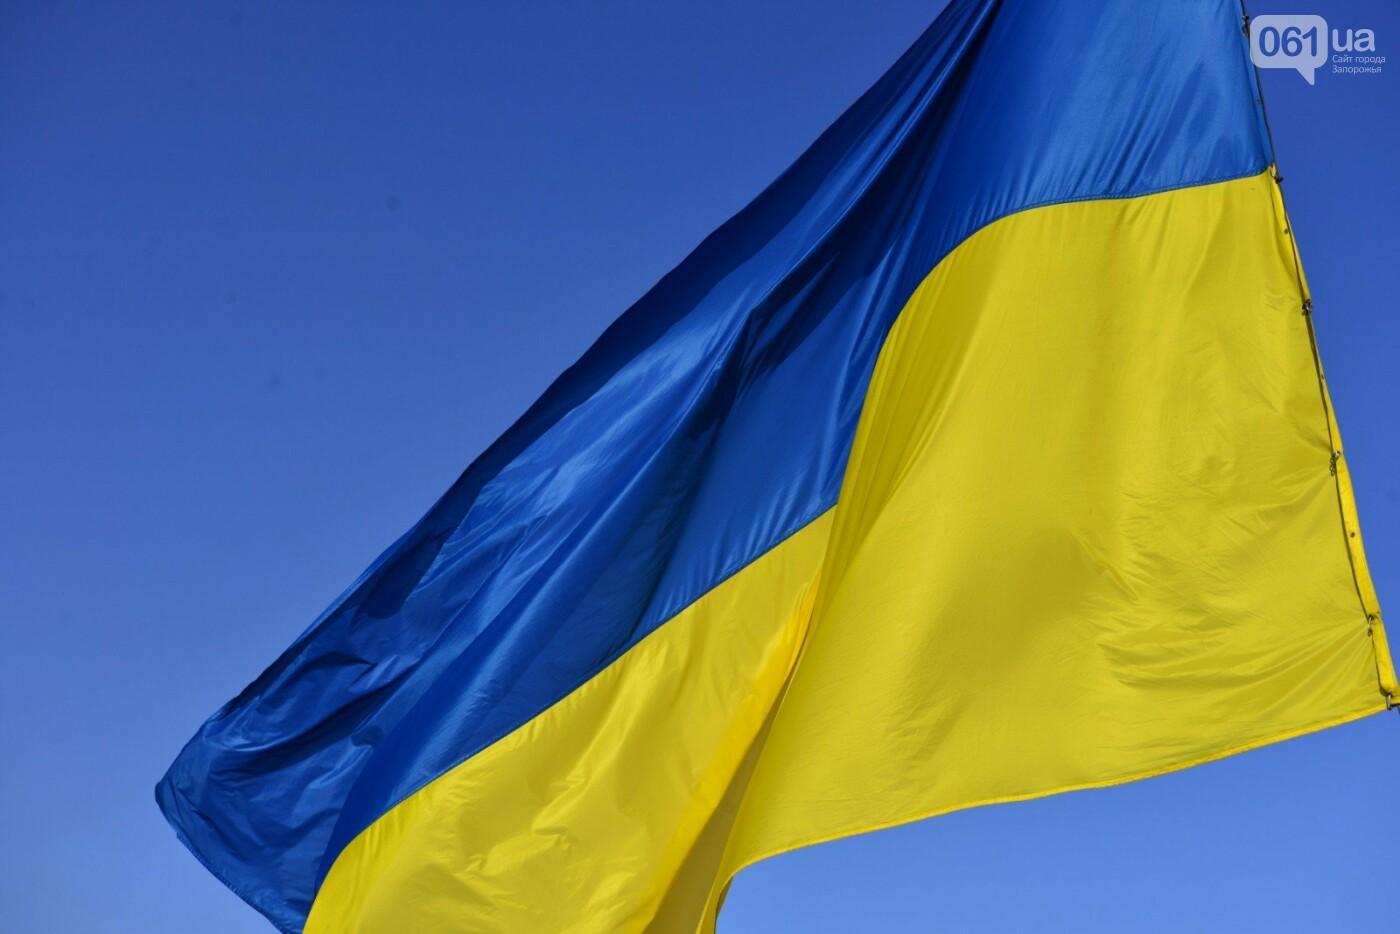 Впервые на Хортице развернули 100-метровый флаг Украины, - ФОТОРЕПОРТАЖ, фото-6